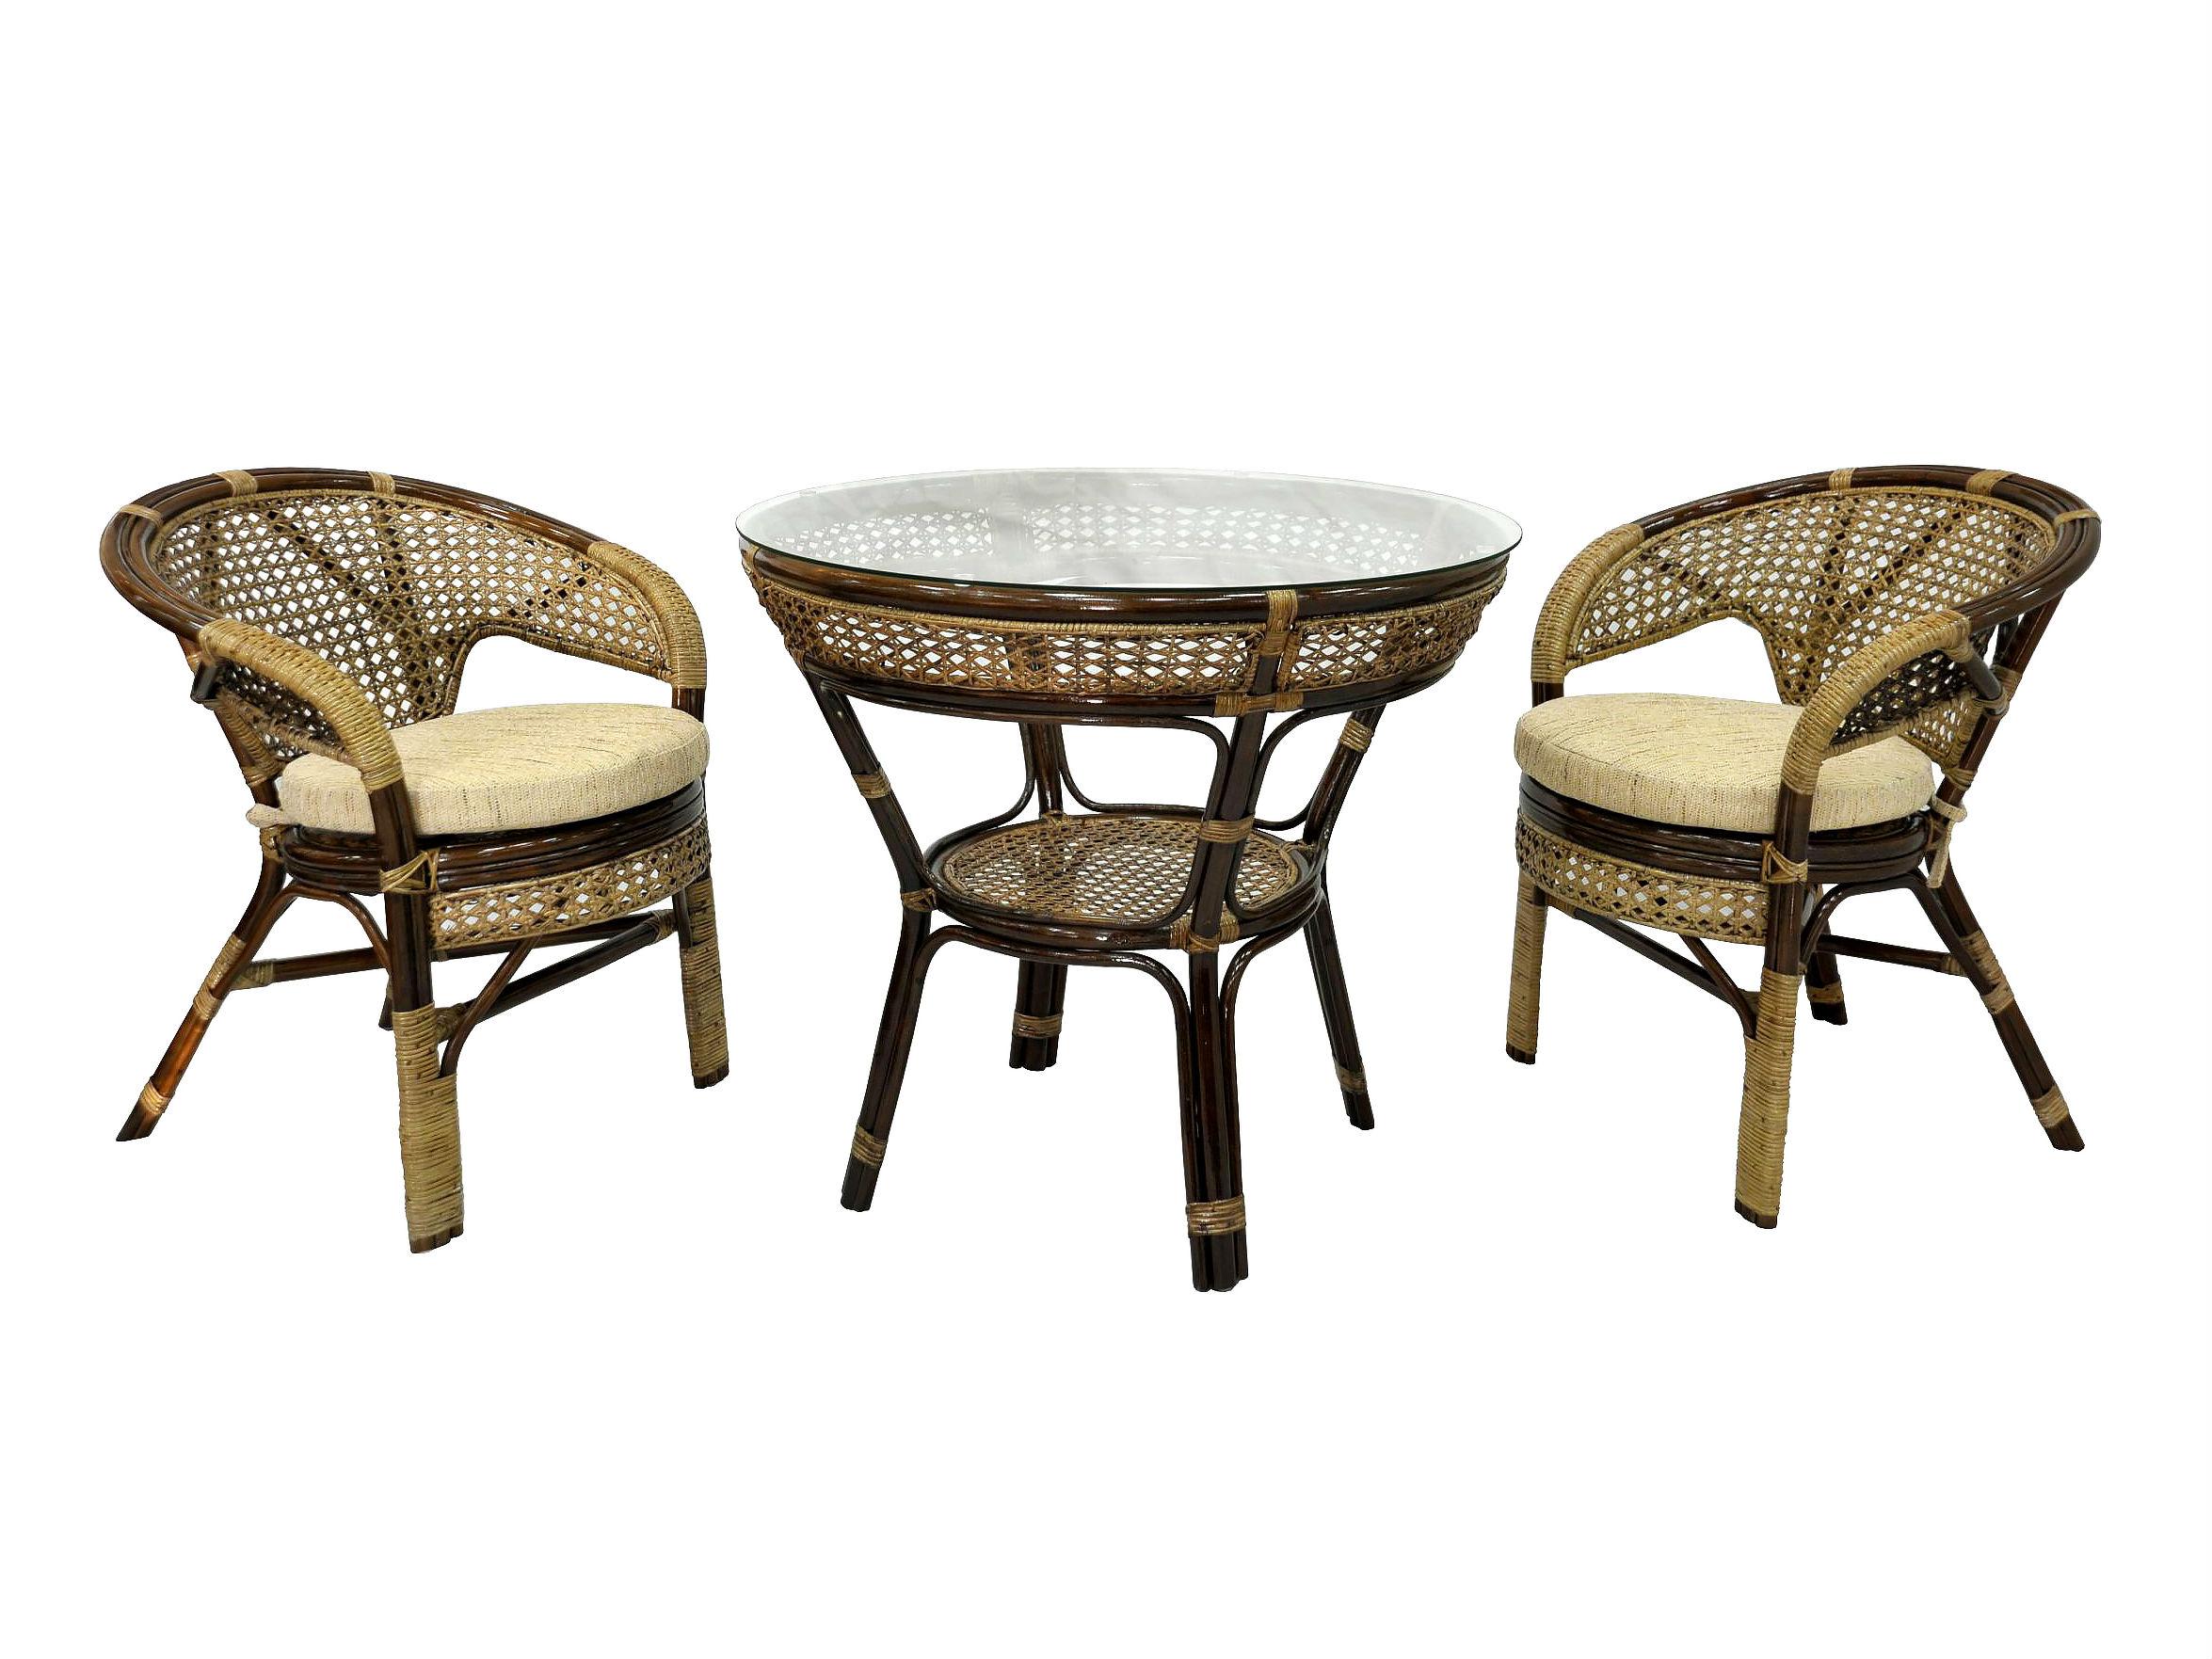 Комплект обеденный JavaКомплекты уличной мебели<br>Обеденный стол с плетением ручной работы на столешнице (под стеклом) и на полочке. Комплектация: два кресла, мягкие подушки (на сидение), столик со стеклом (на присосках).&amp;amp;nbsp;&amp;lt;div&amp;gt;&amp;lt;br&amp;gt;&amp;lt;/div&amp;gt;&amp;lt;div&amp;gt;Материал каркаса:  натуральный ротанг&amp;lt;/div&amp;gt;&amp;lt;div&amp;gt;Мягкая обивка/подушка:  ткань рогожка&amp;lt;/div&amp;gt;&amp;lt;div&amp;gt;Размер: столик со стеклом 83х75х83 см,  кресло 66х70х78 см&amp;lt;/div&amp;gt;&amp;lt;div&amp;gt;Выдерживаемая нагрузка, кг:  100&amp;lt;/div&amp;gt;<br><br>Material: Ротанг<br>Height см: 75<br>Diameter см: 83